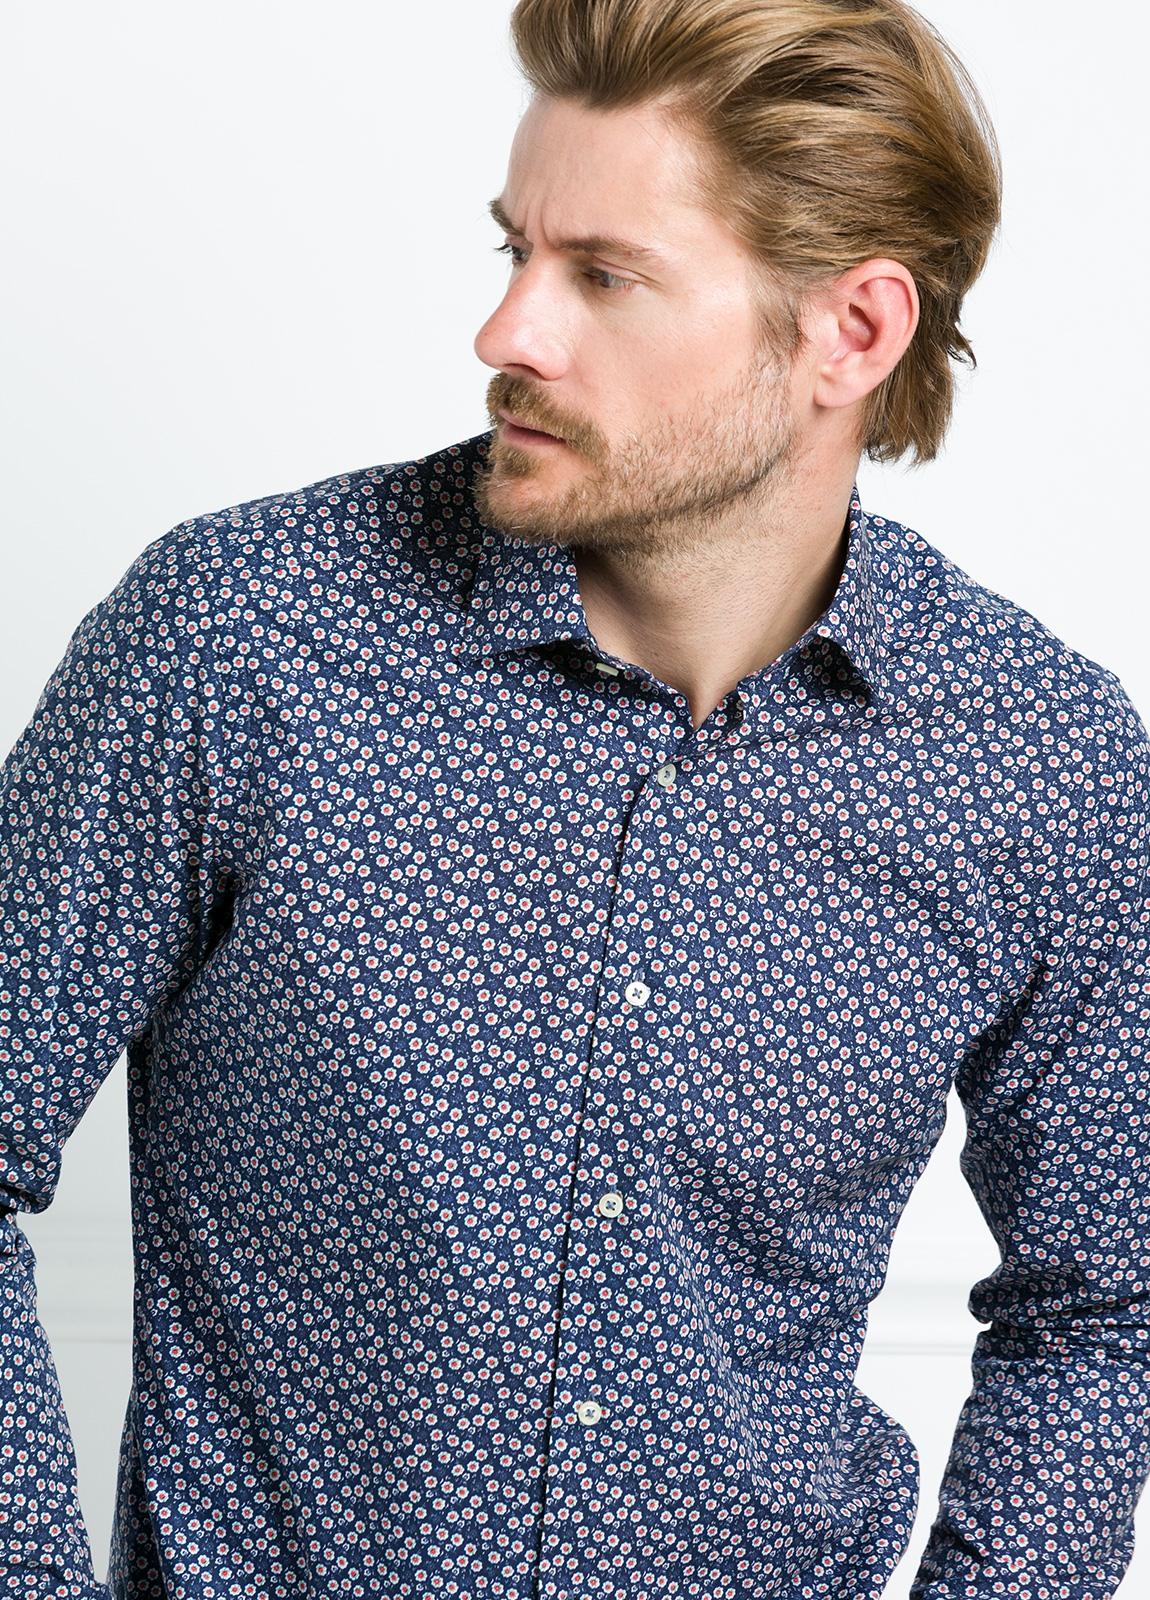 Camisa Leisure Wear SLIM FIT modelo PORTO estampado floral color azul marino. 100% Algodón.